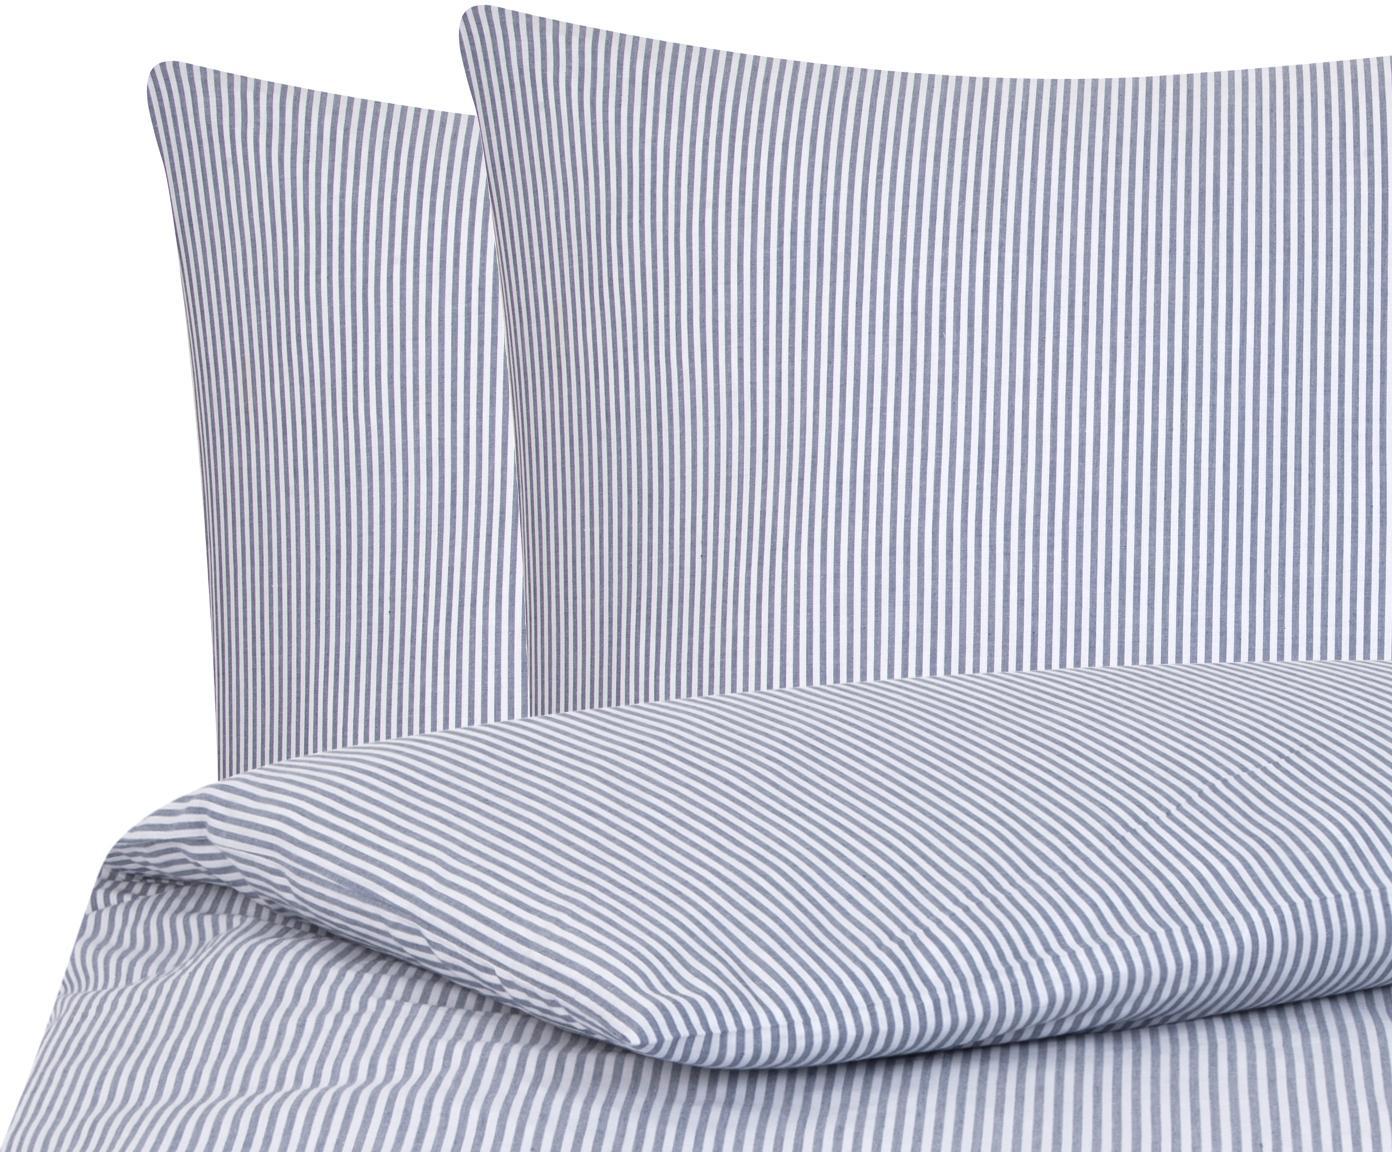 Baumwoll-Bettwäsche Ellie, fein gestreift, Webart: Renforcé Fadendichte 118 , Weiß, Dunkelblau, 200 x 200 cm + 2 Kissen 80 x 80 cm